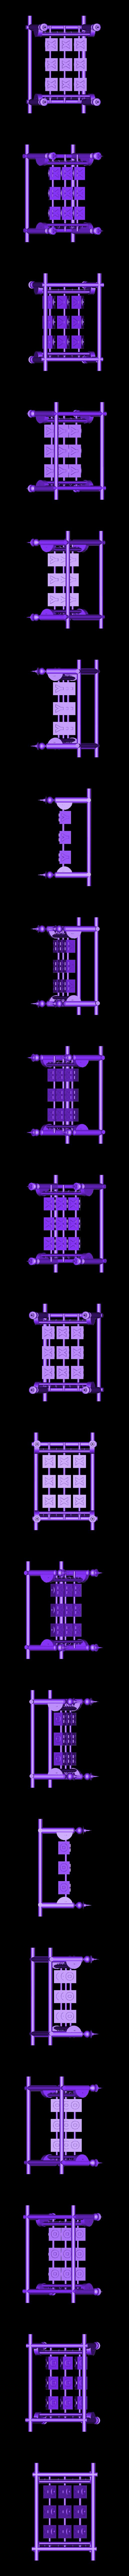 TAIMBAL2 DED 3 (2).stl Télécharger fichier OBJ gratuit Jeu de la quarantaine YOX • Modèle à imprimer en 3D, ronaldocc13